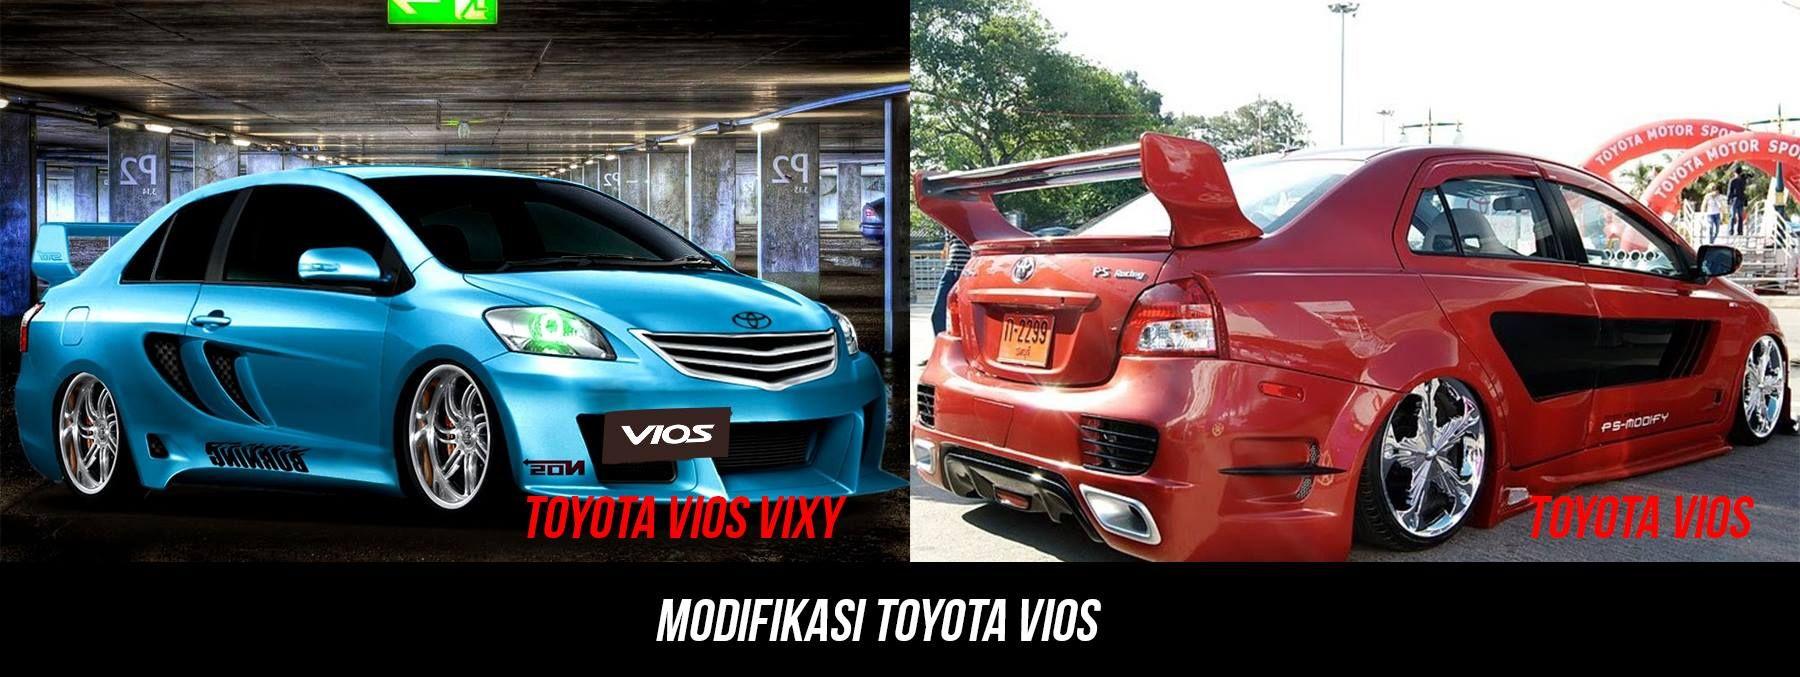 Modifikasi Warna Mobil Toyota Vios Modifikasi Mobil Mobil Mobil Balap